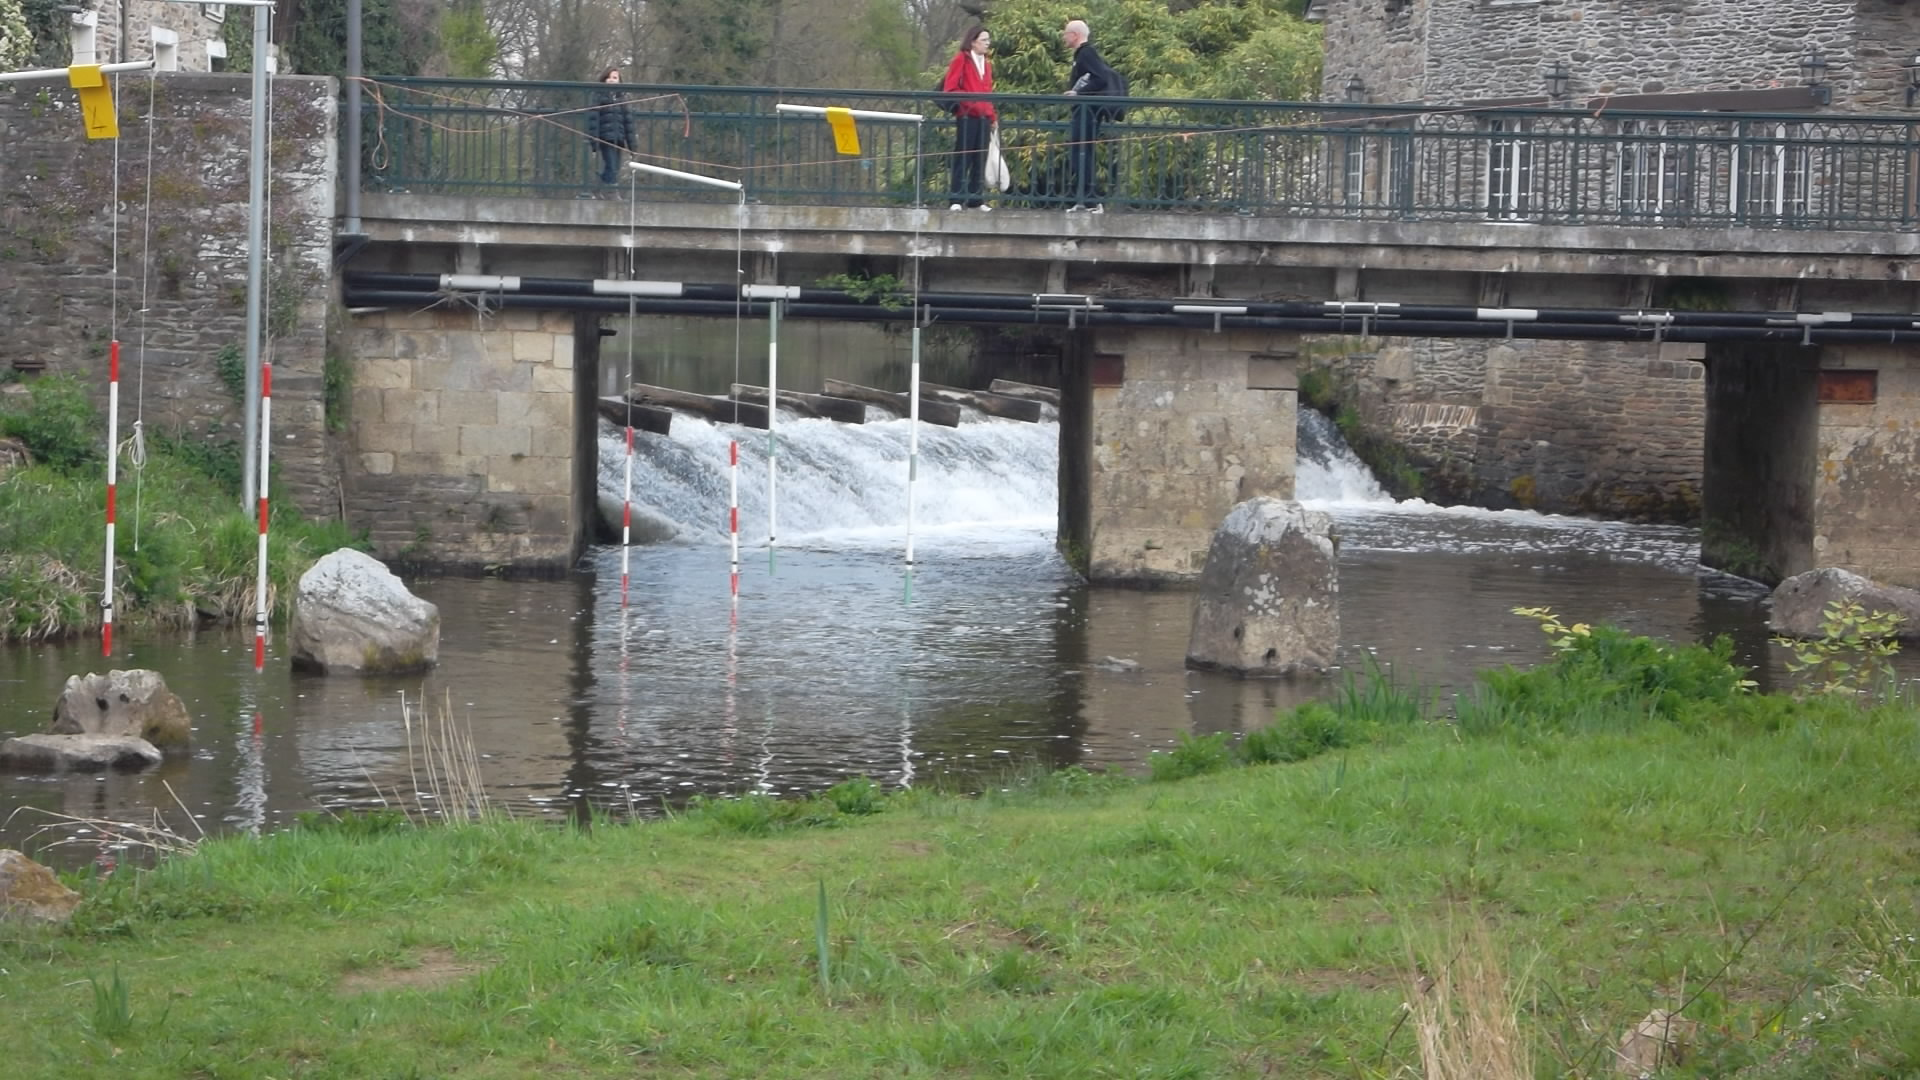 Maletroit oust rapids on canal pl bonsergent apr12